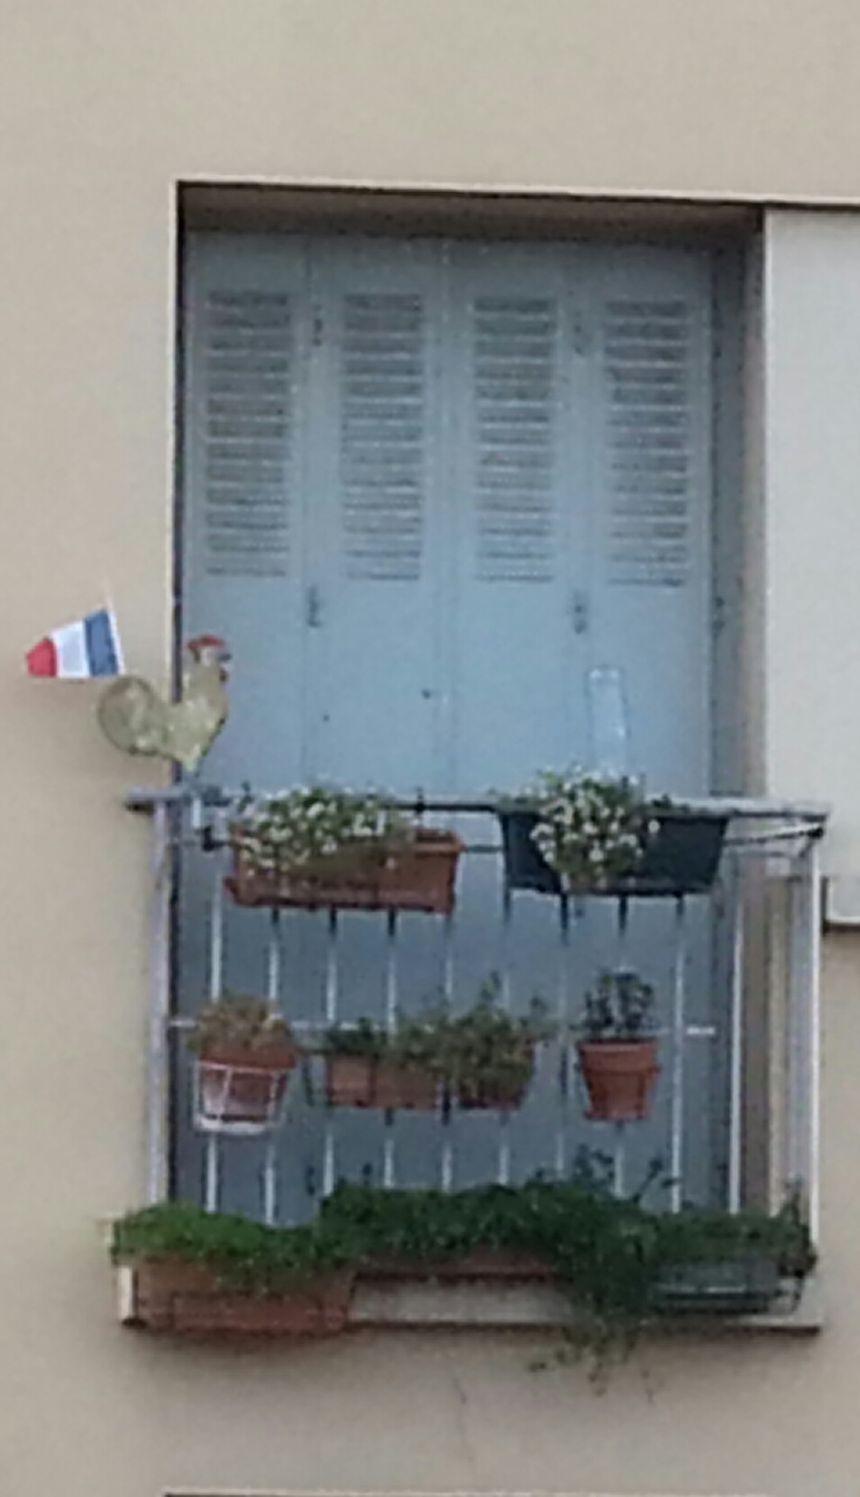 Drapeau tricolore au balcon d'un appartement de Bourg-les-Valence le 24/11/15